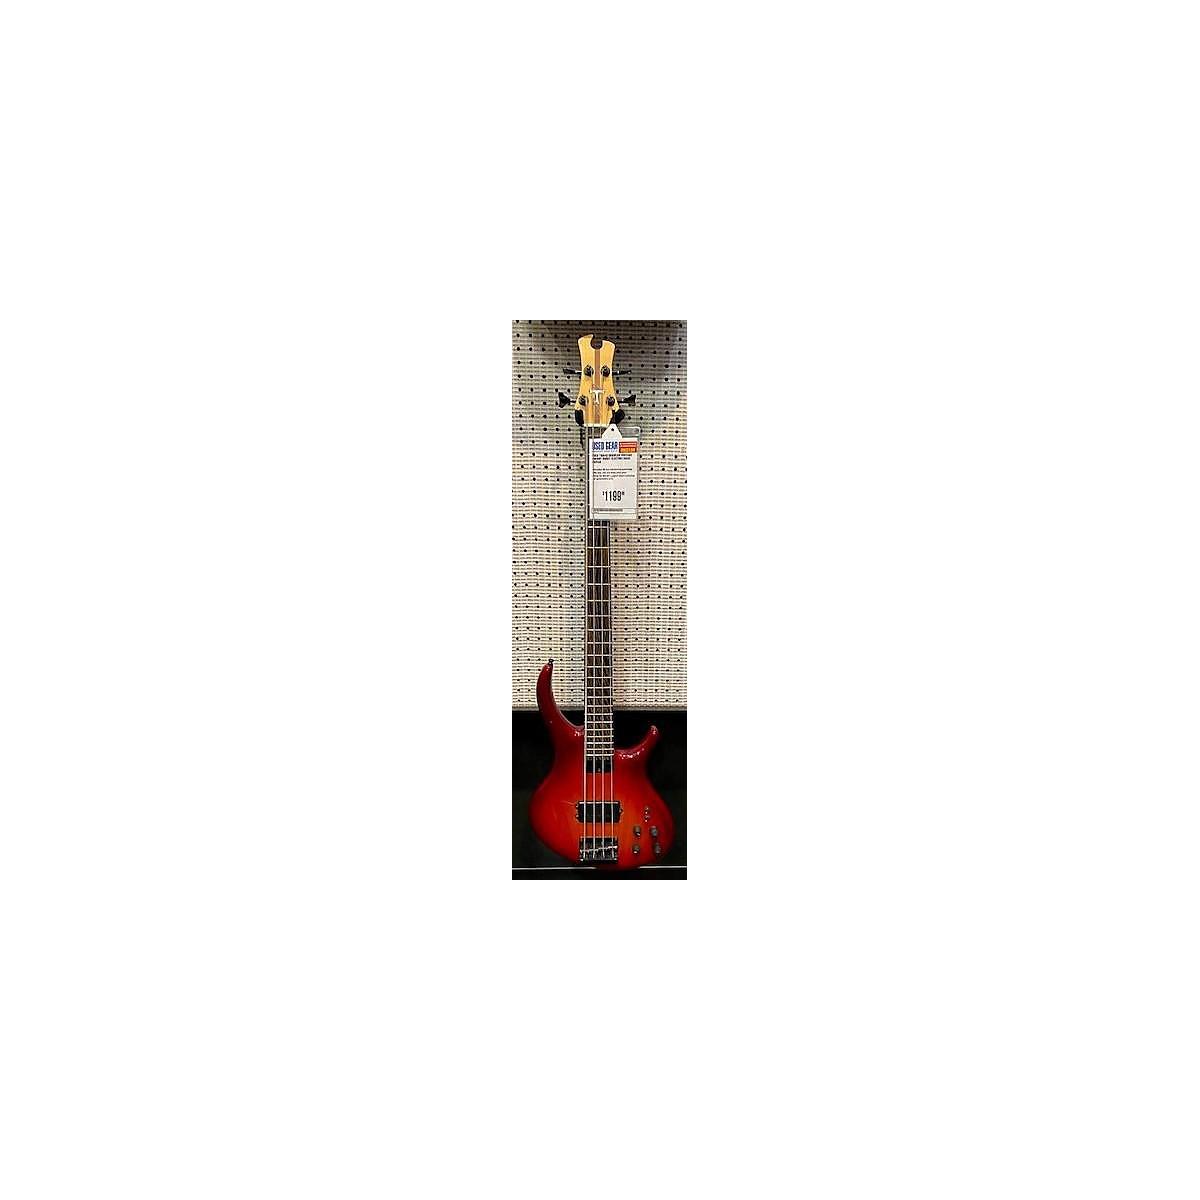 Tobias Growler Electric Bass Guitar